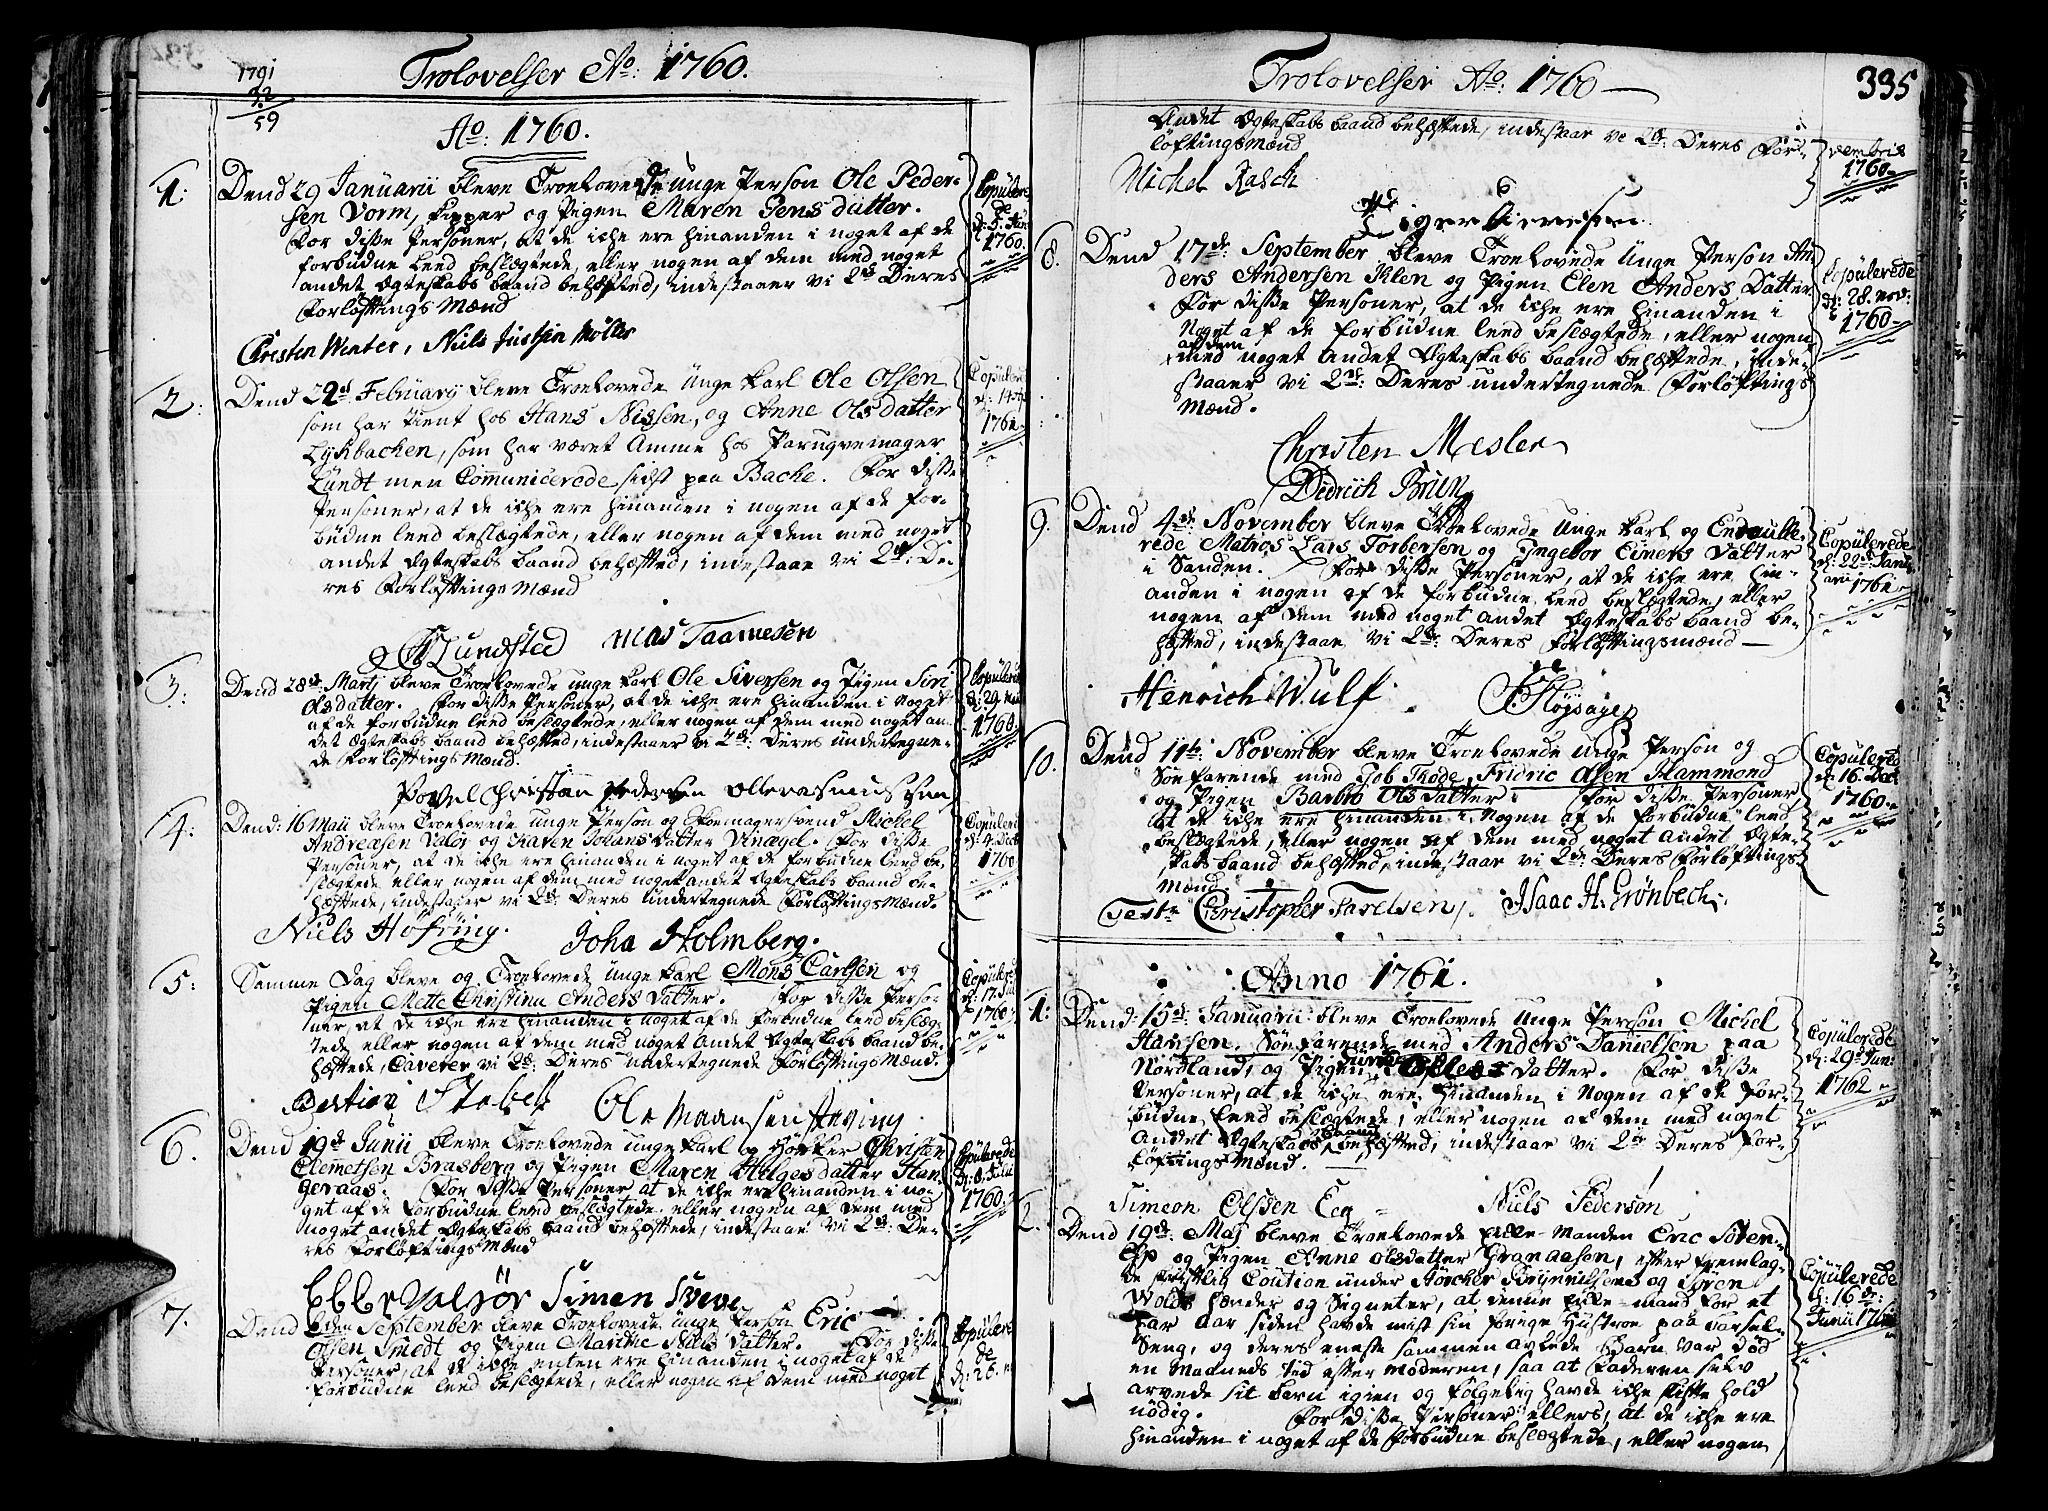 SAT, Ministerialprotokoller, klokkerbøker og fødselsregistre - Sør-Trøndelag, 602/L0103: Ministerialbok nr. 602A01, 1732-1774, s. 335